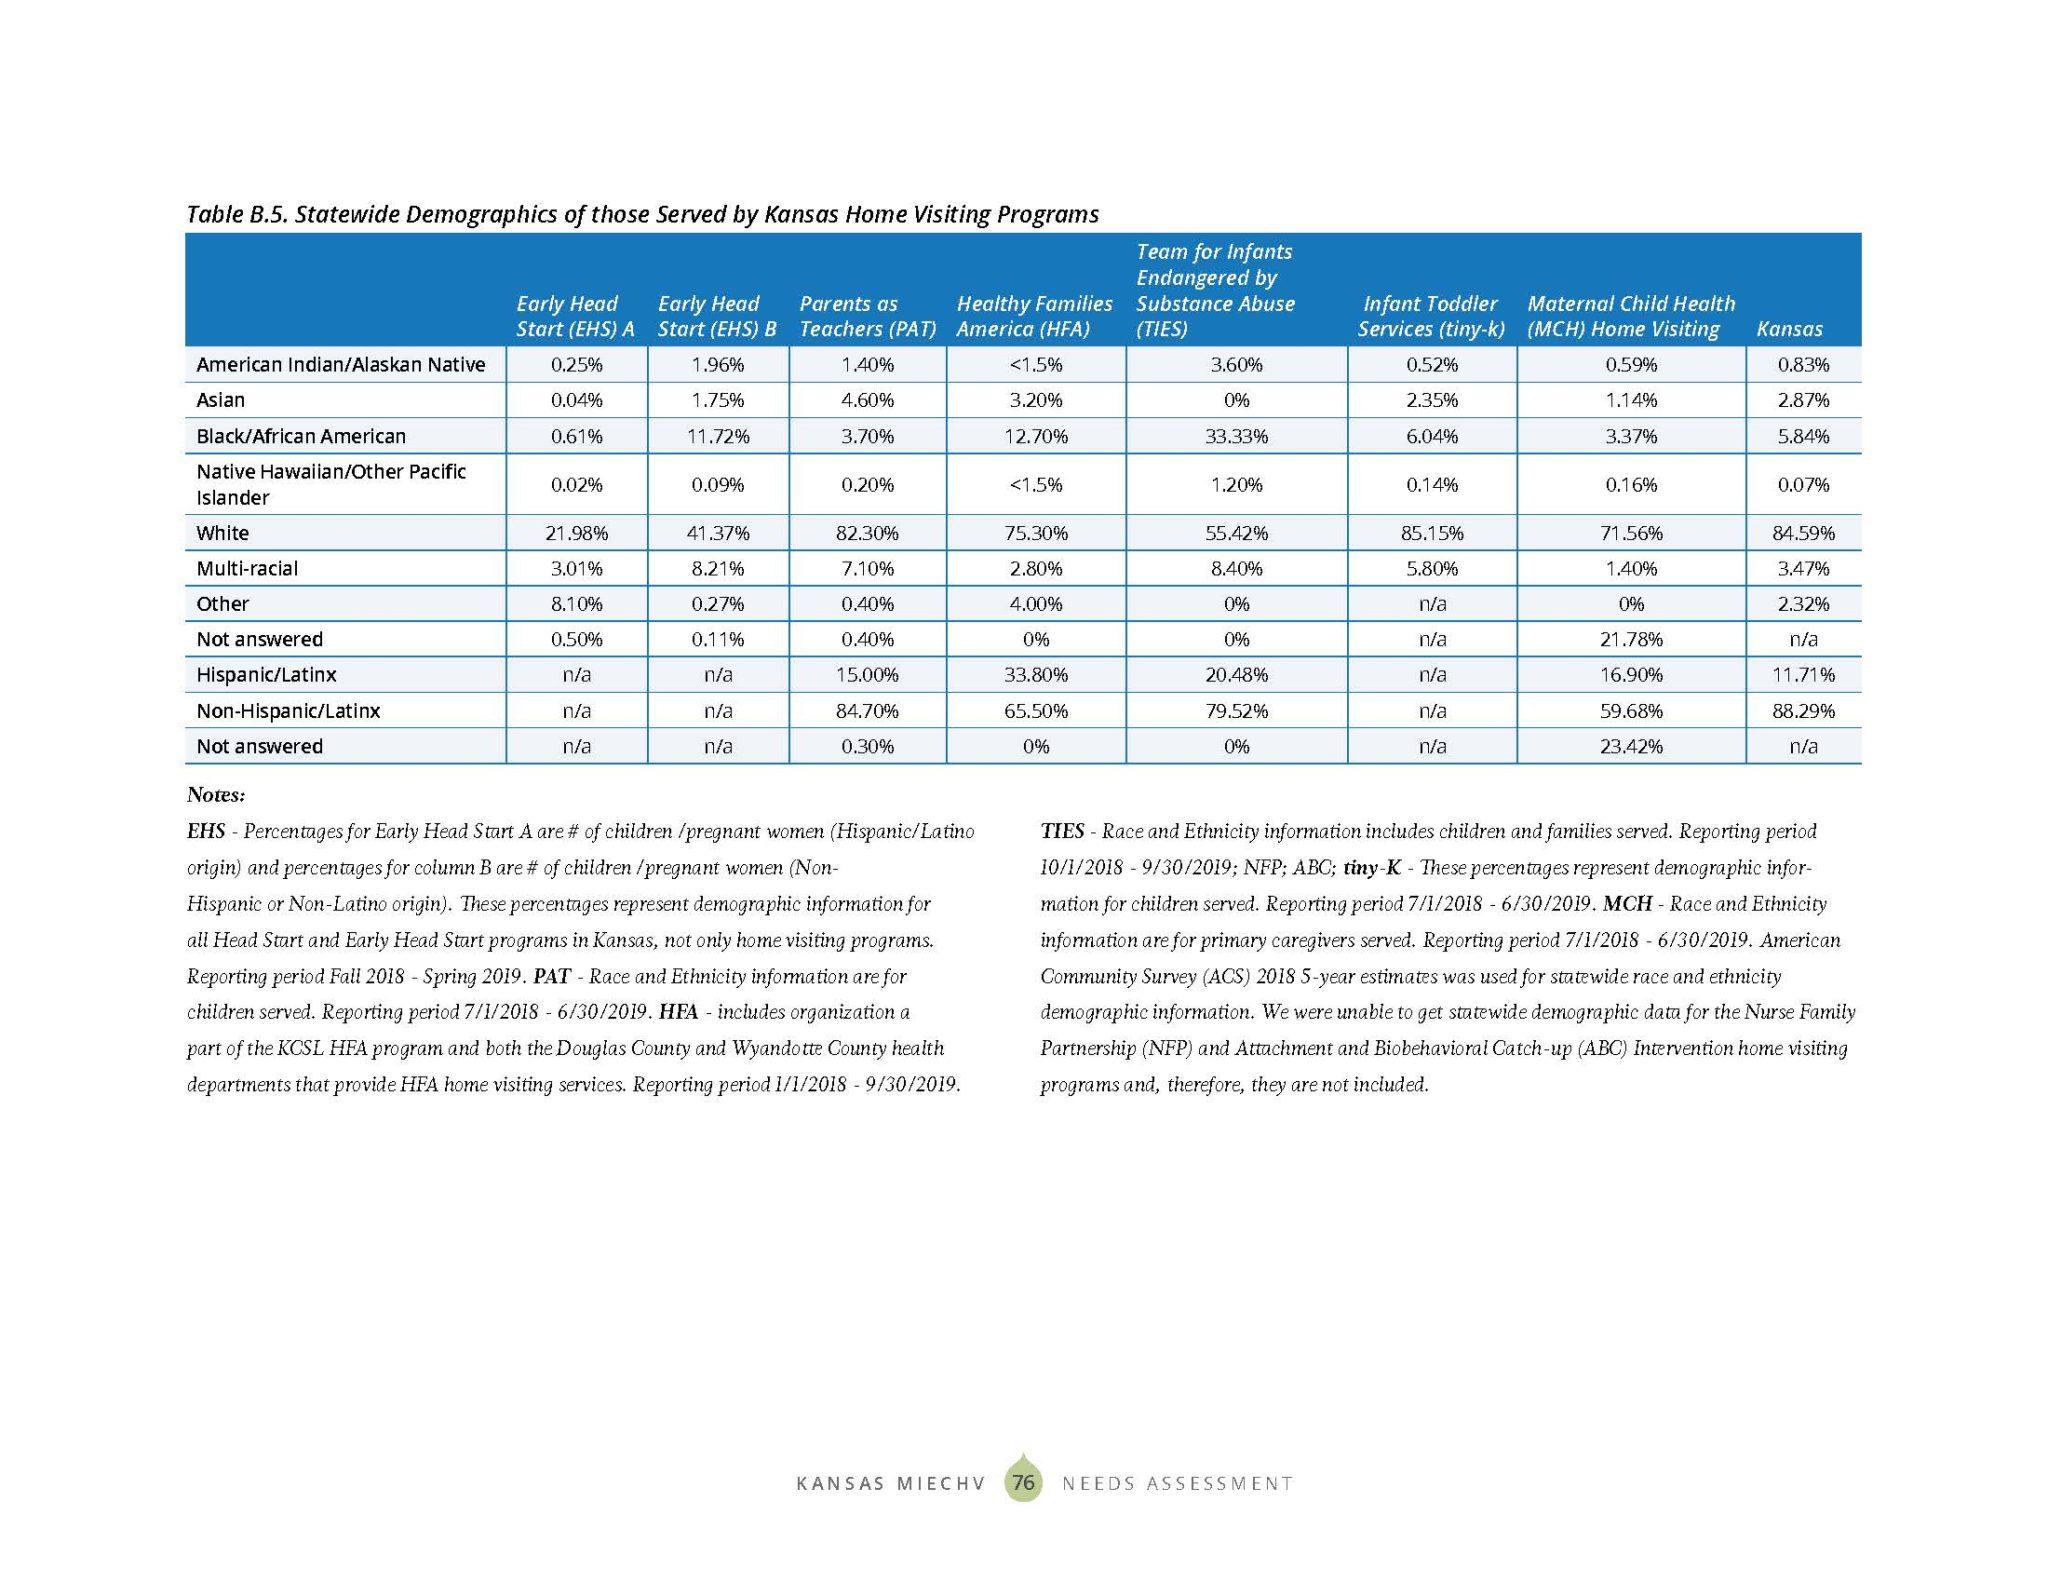 KS MIECHV 2020 Needs Assessment_DIGITAL_Page_084